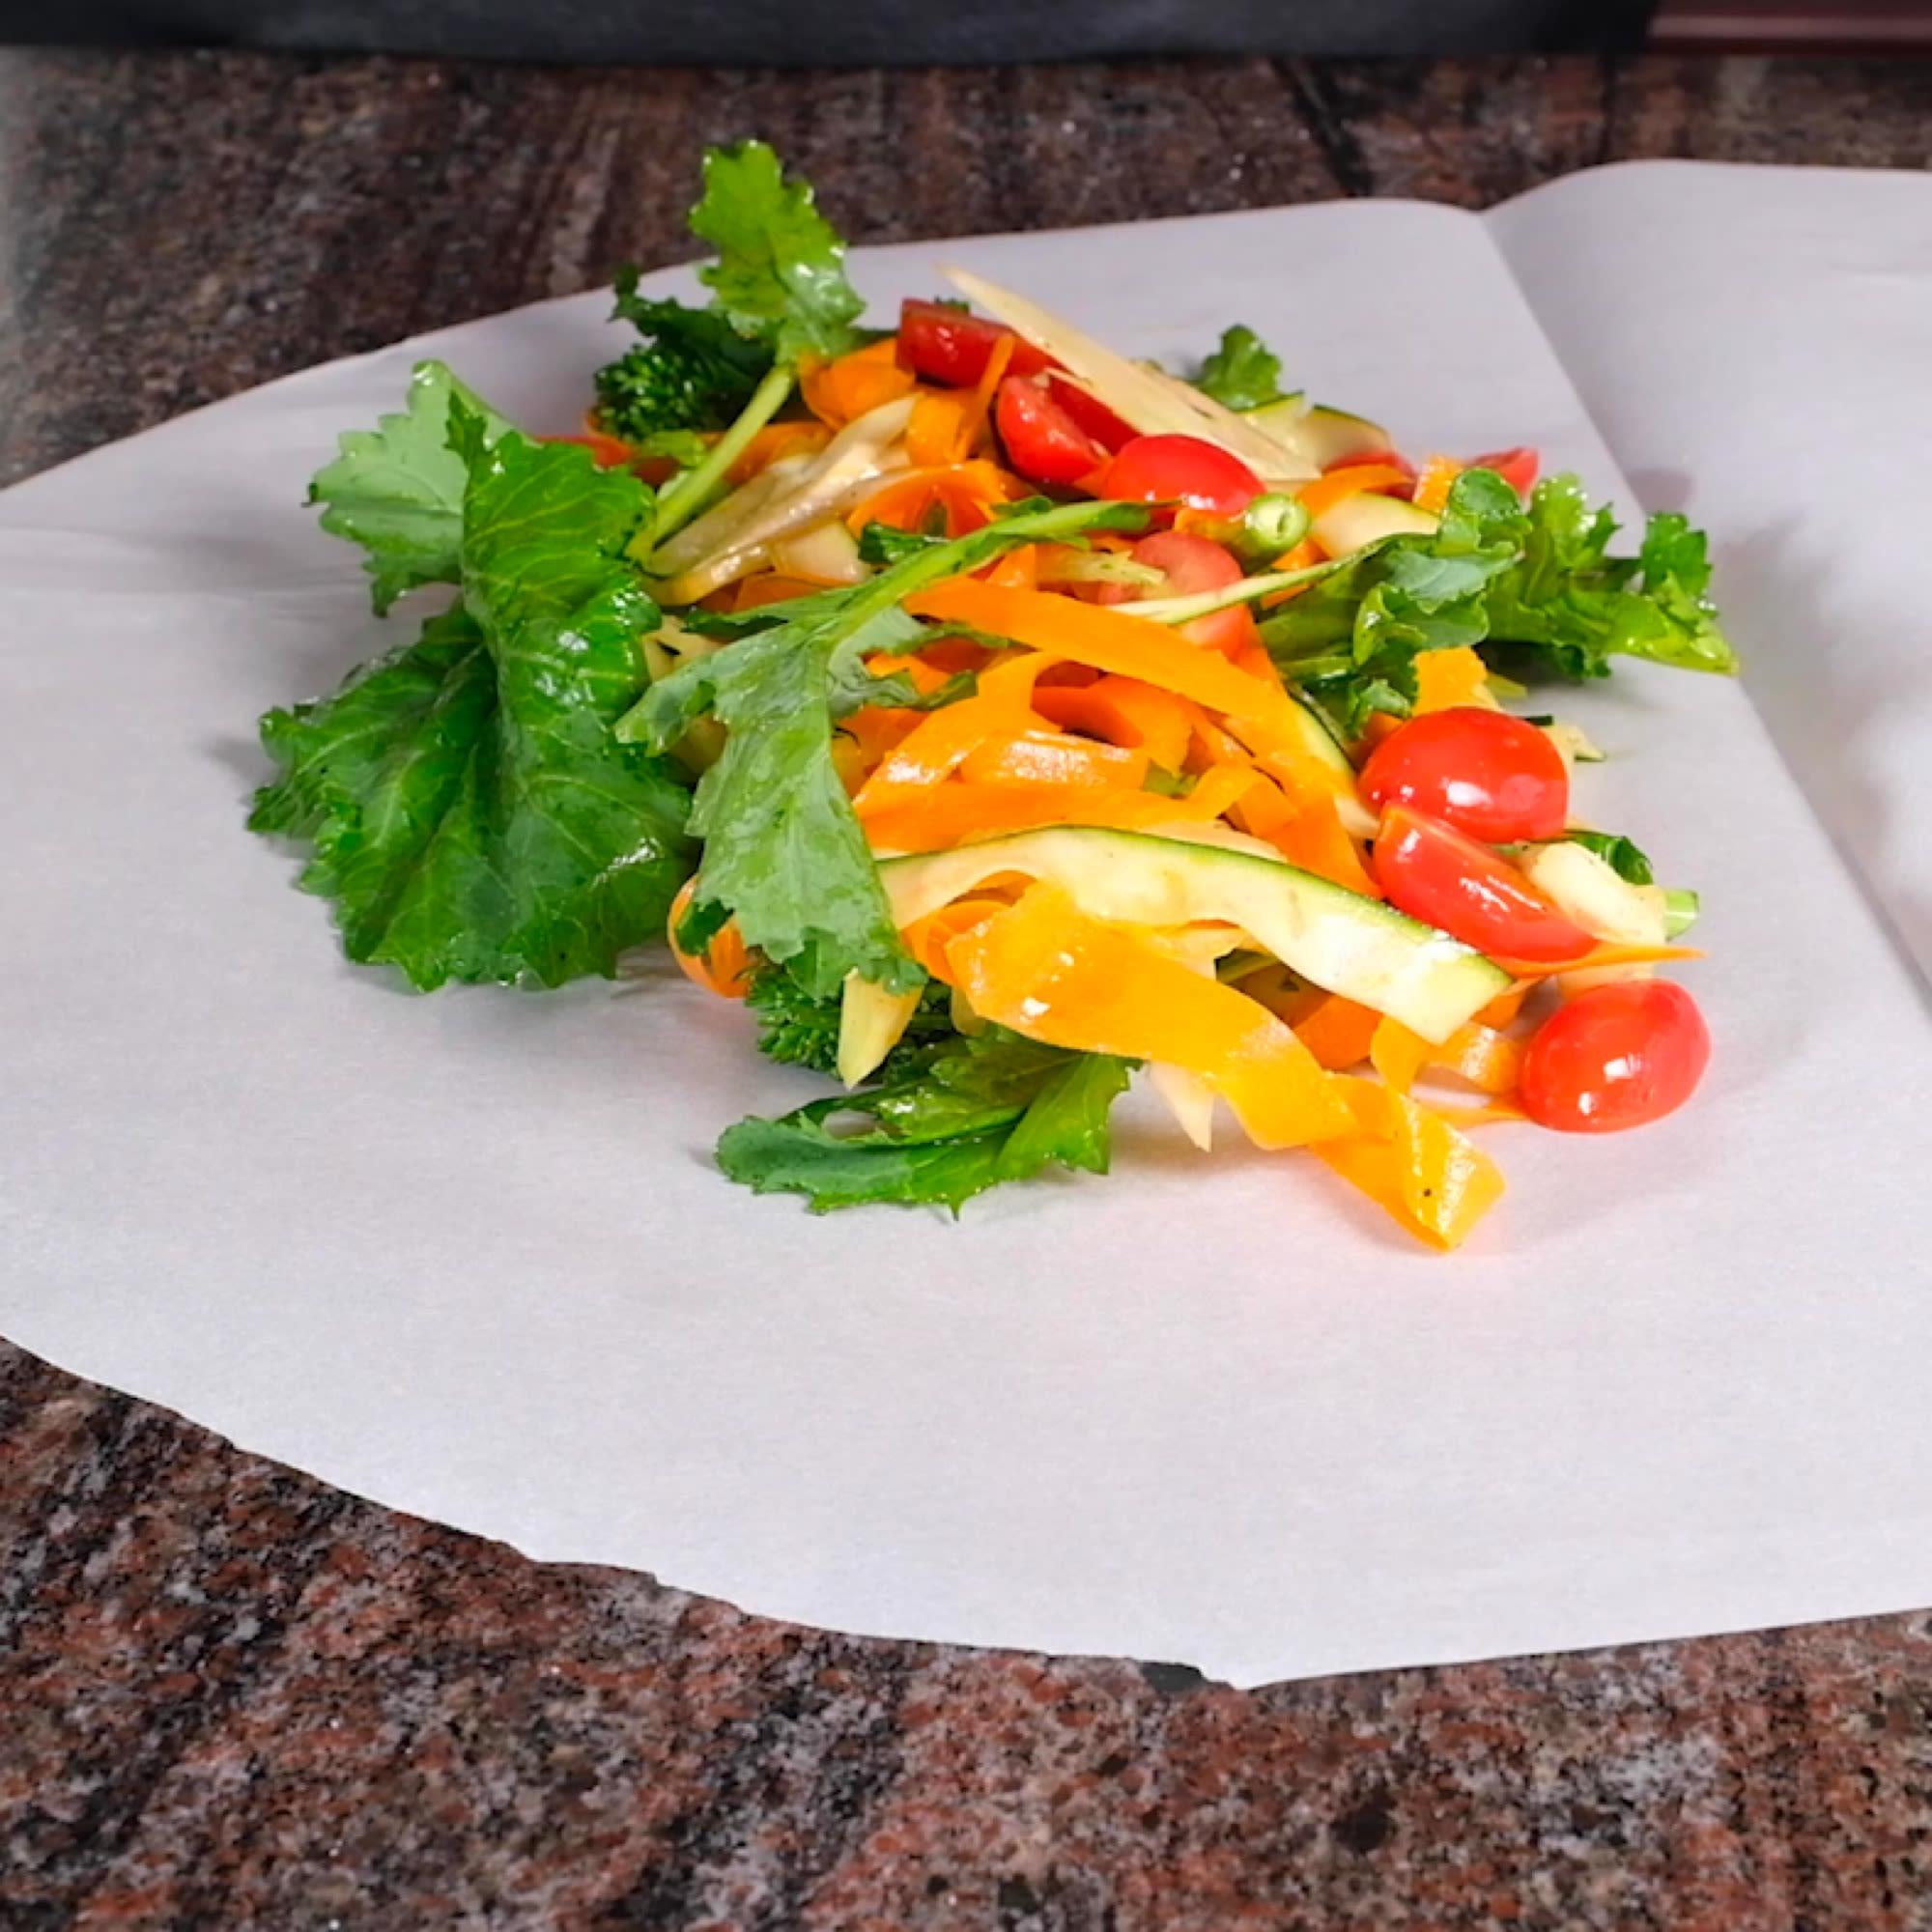 Open parchment and arrange vegetables.